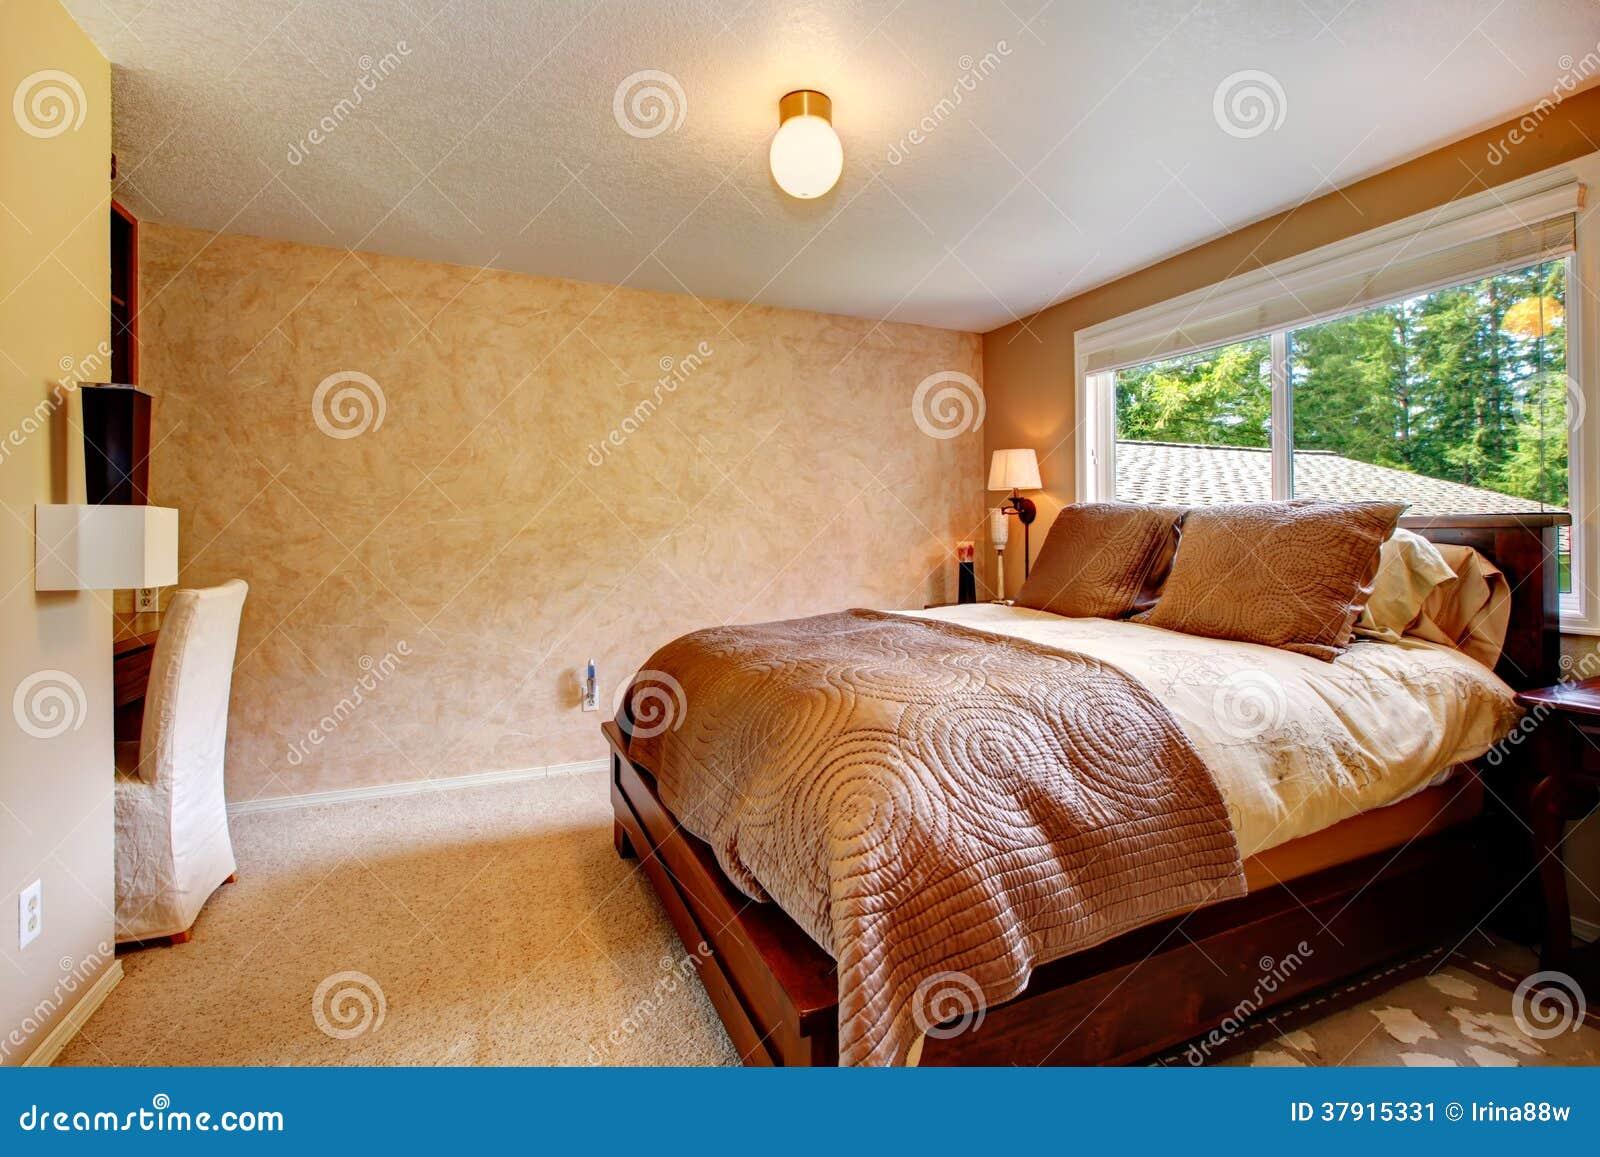 camera da letto accogliente di colori caldi immagine stock ... - Colori Camera Da Letto Cromoterapia